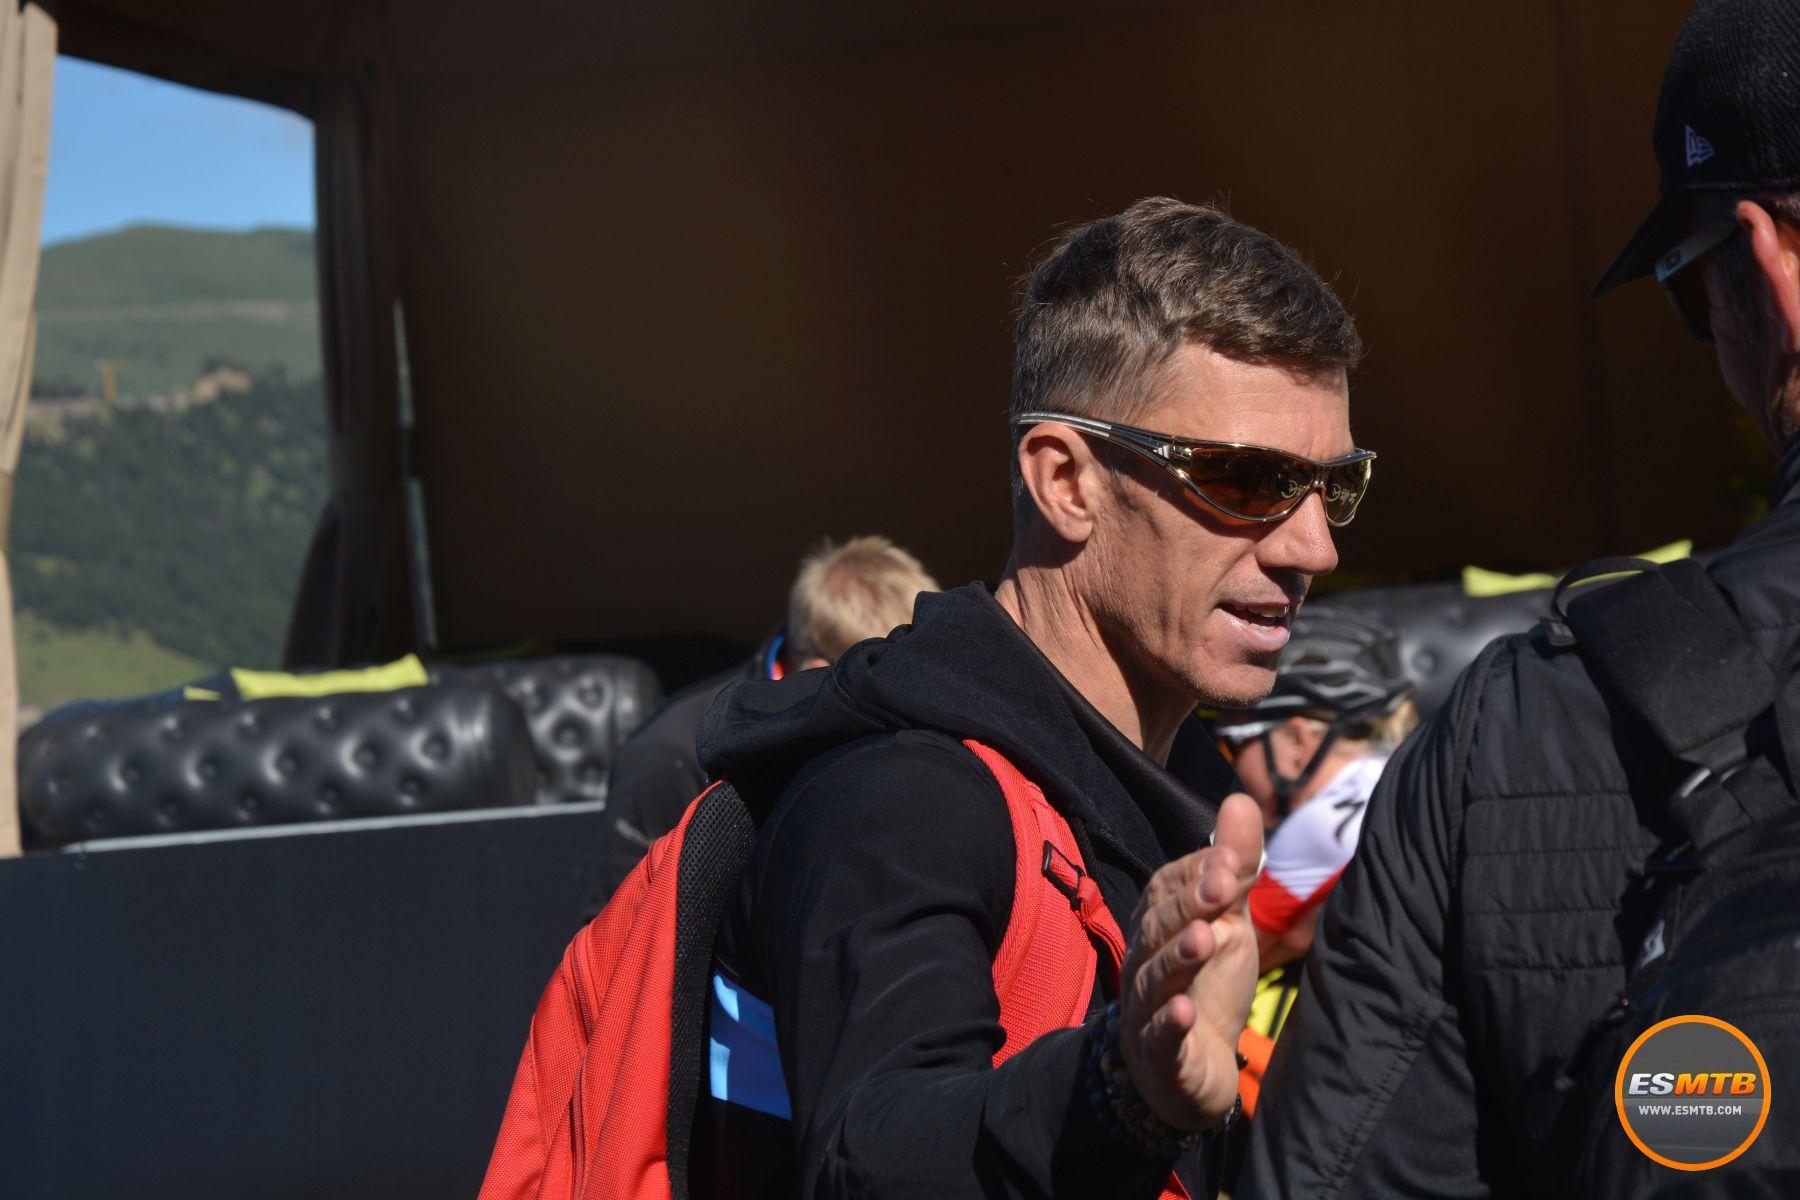 ¿Os suena? Es Filip Meirhaeghe, el belga que fuera campeón del mundo y destacadísimo corredor de XC. Hasta dar positivo por EPO. Ahora trabaja para la selección belga con los bikers más jóvenes. Una situación un tanto peculiar.